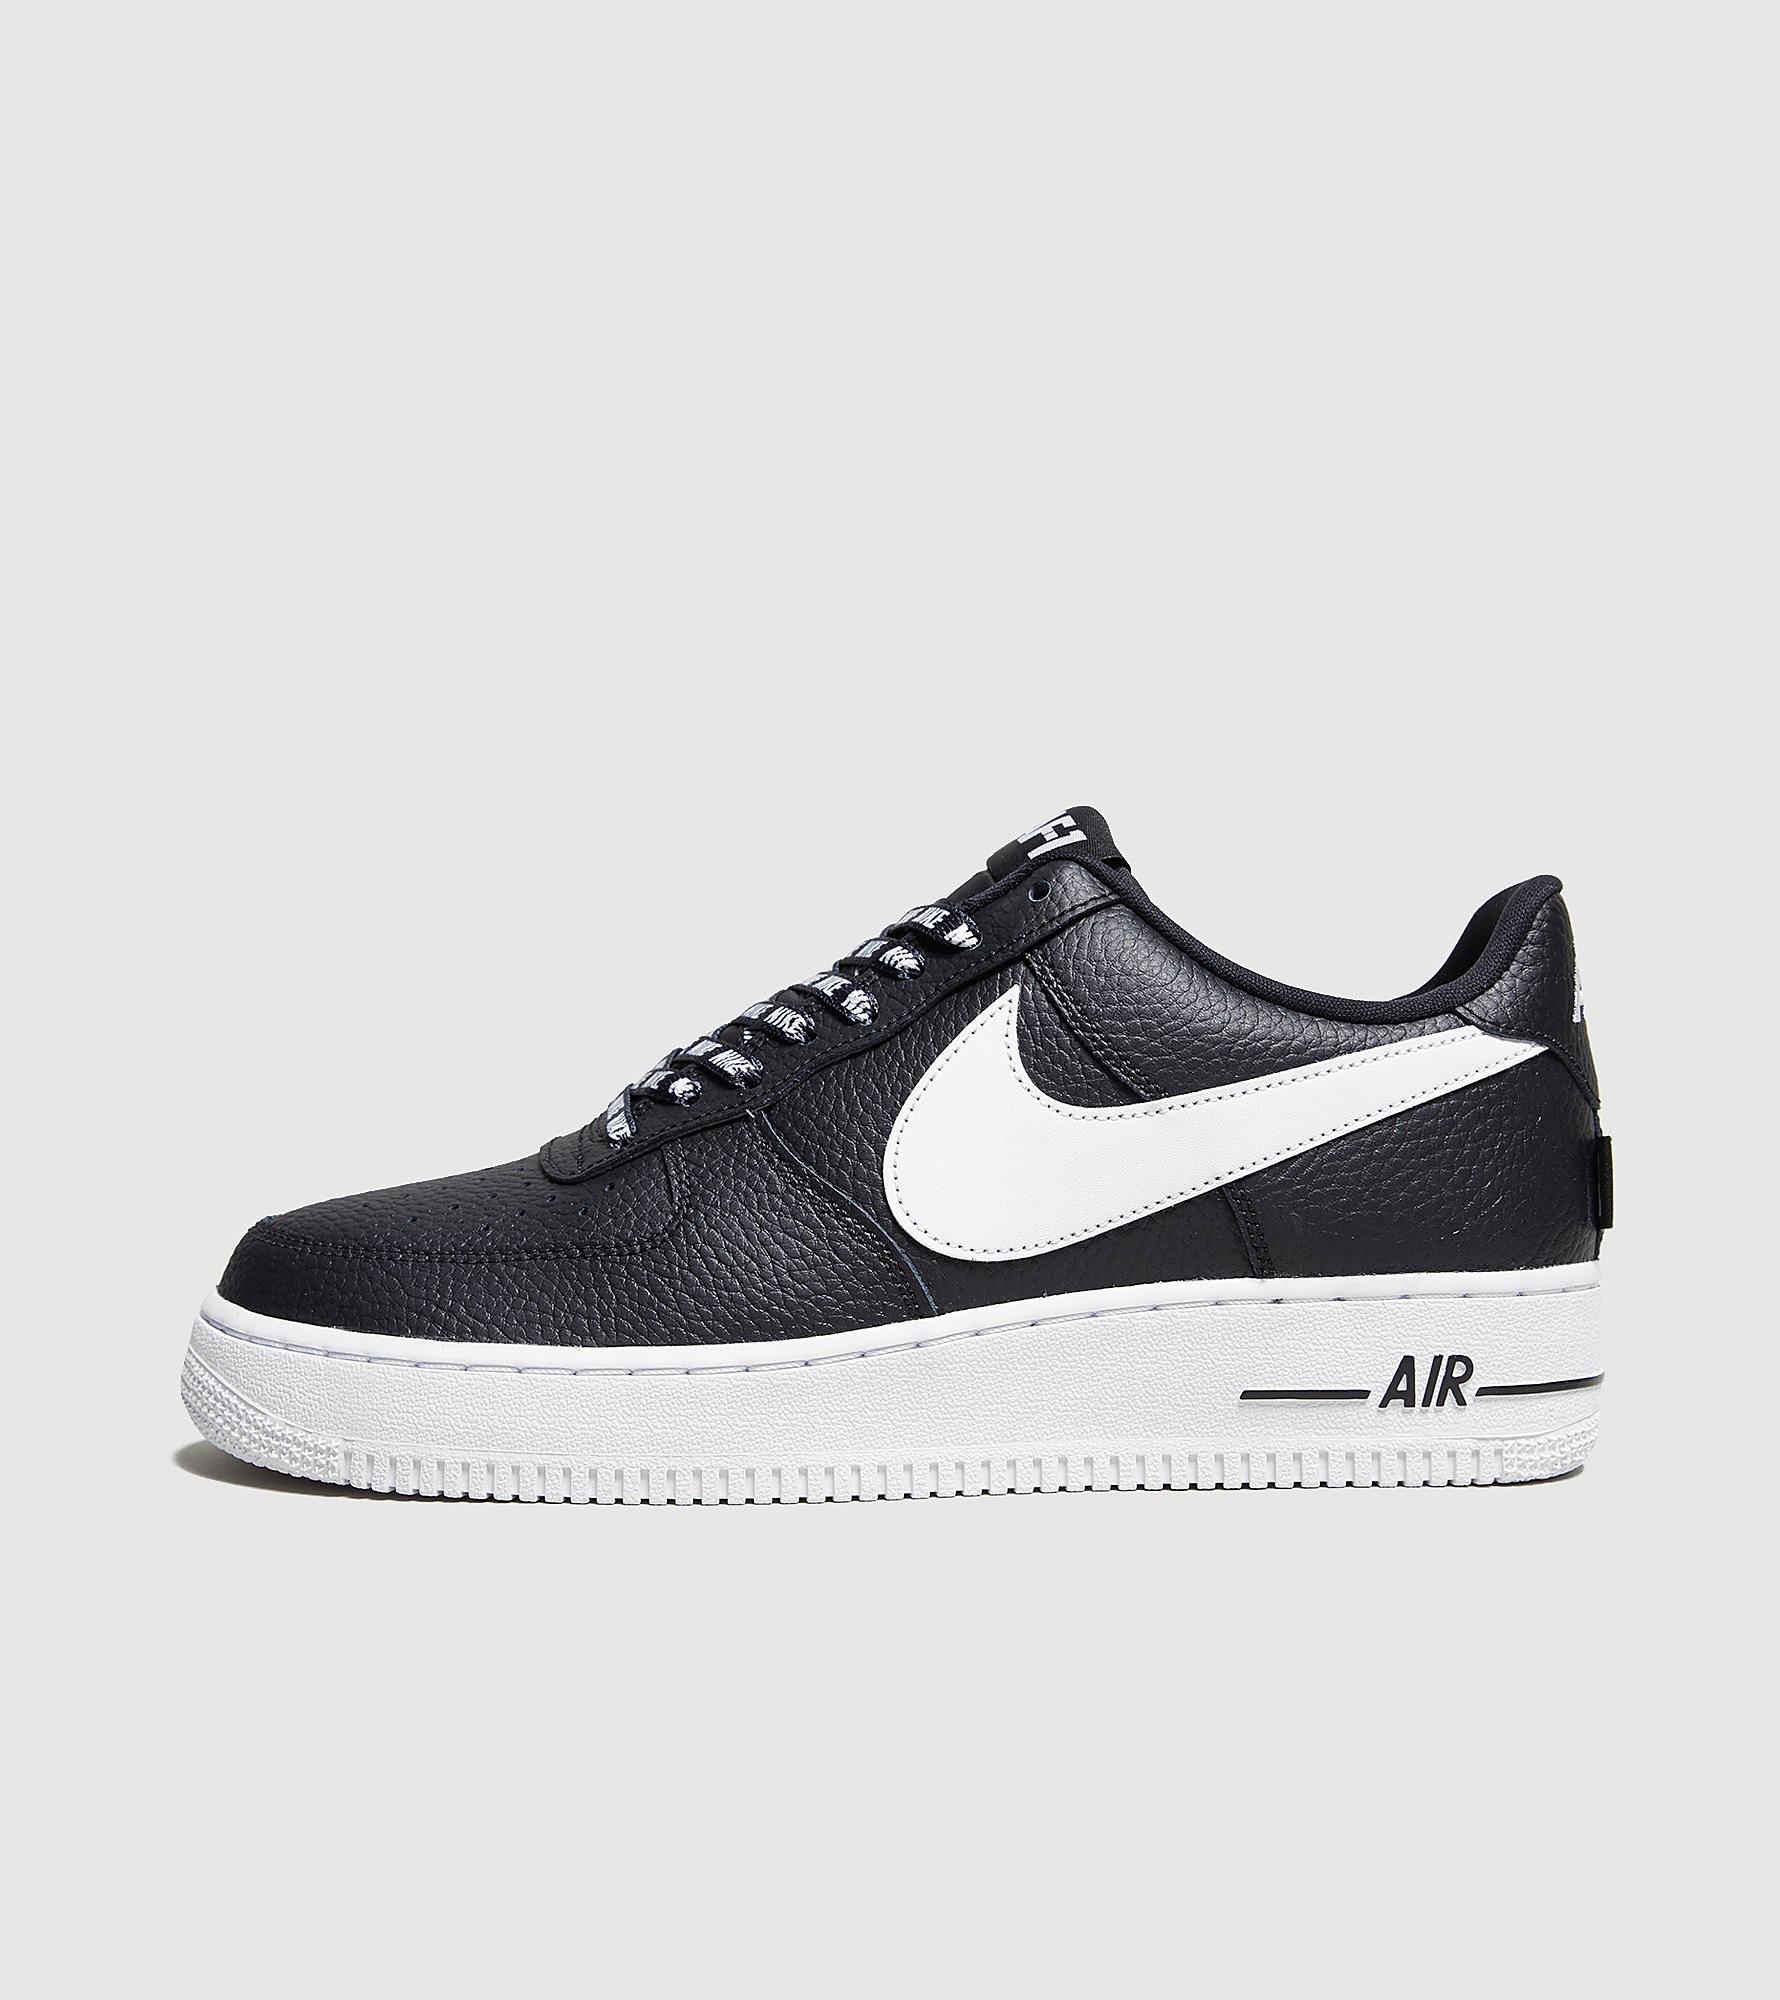 Nike Air Force 1 '07 'NBA'